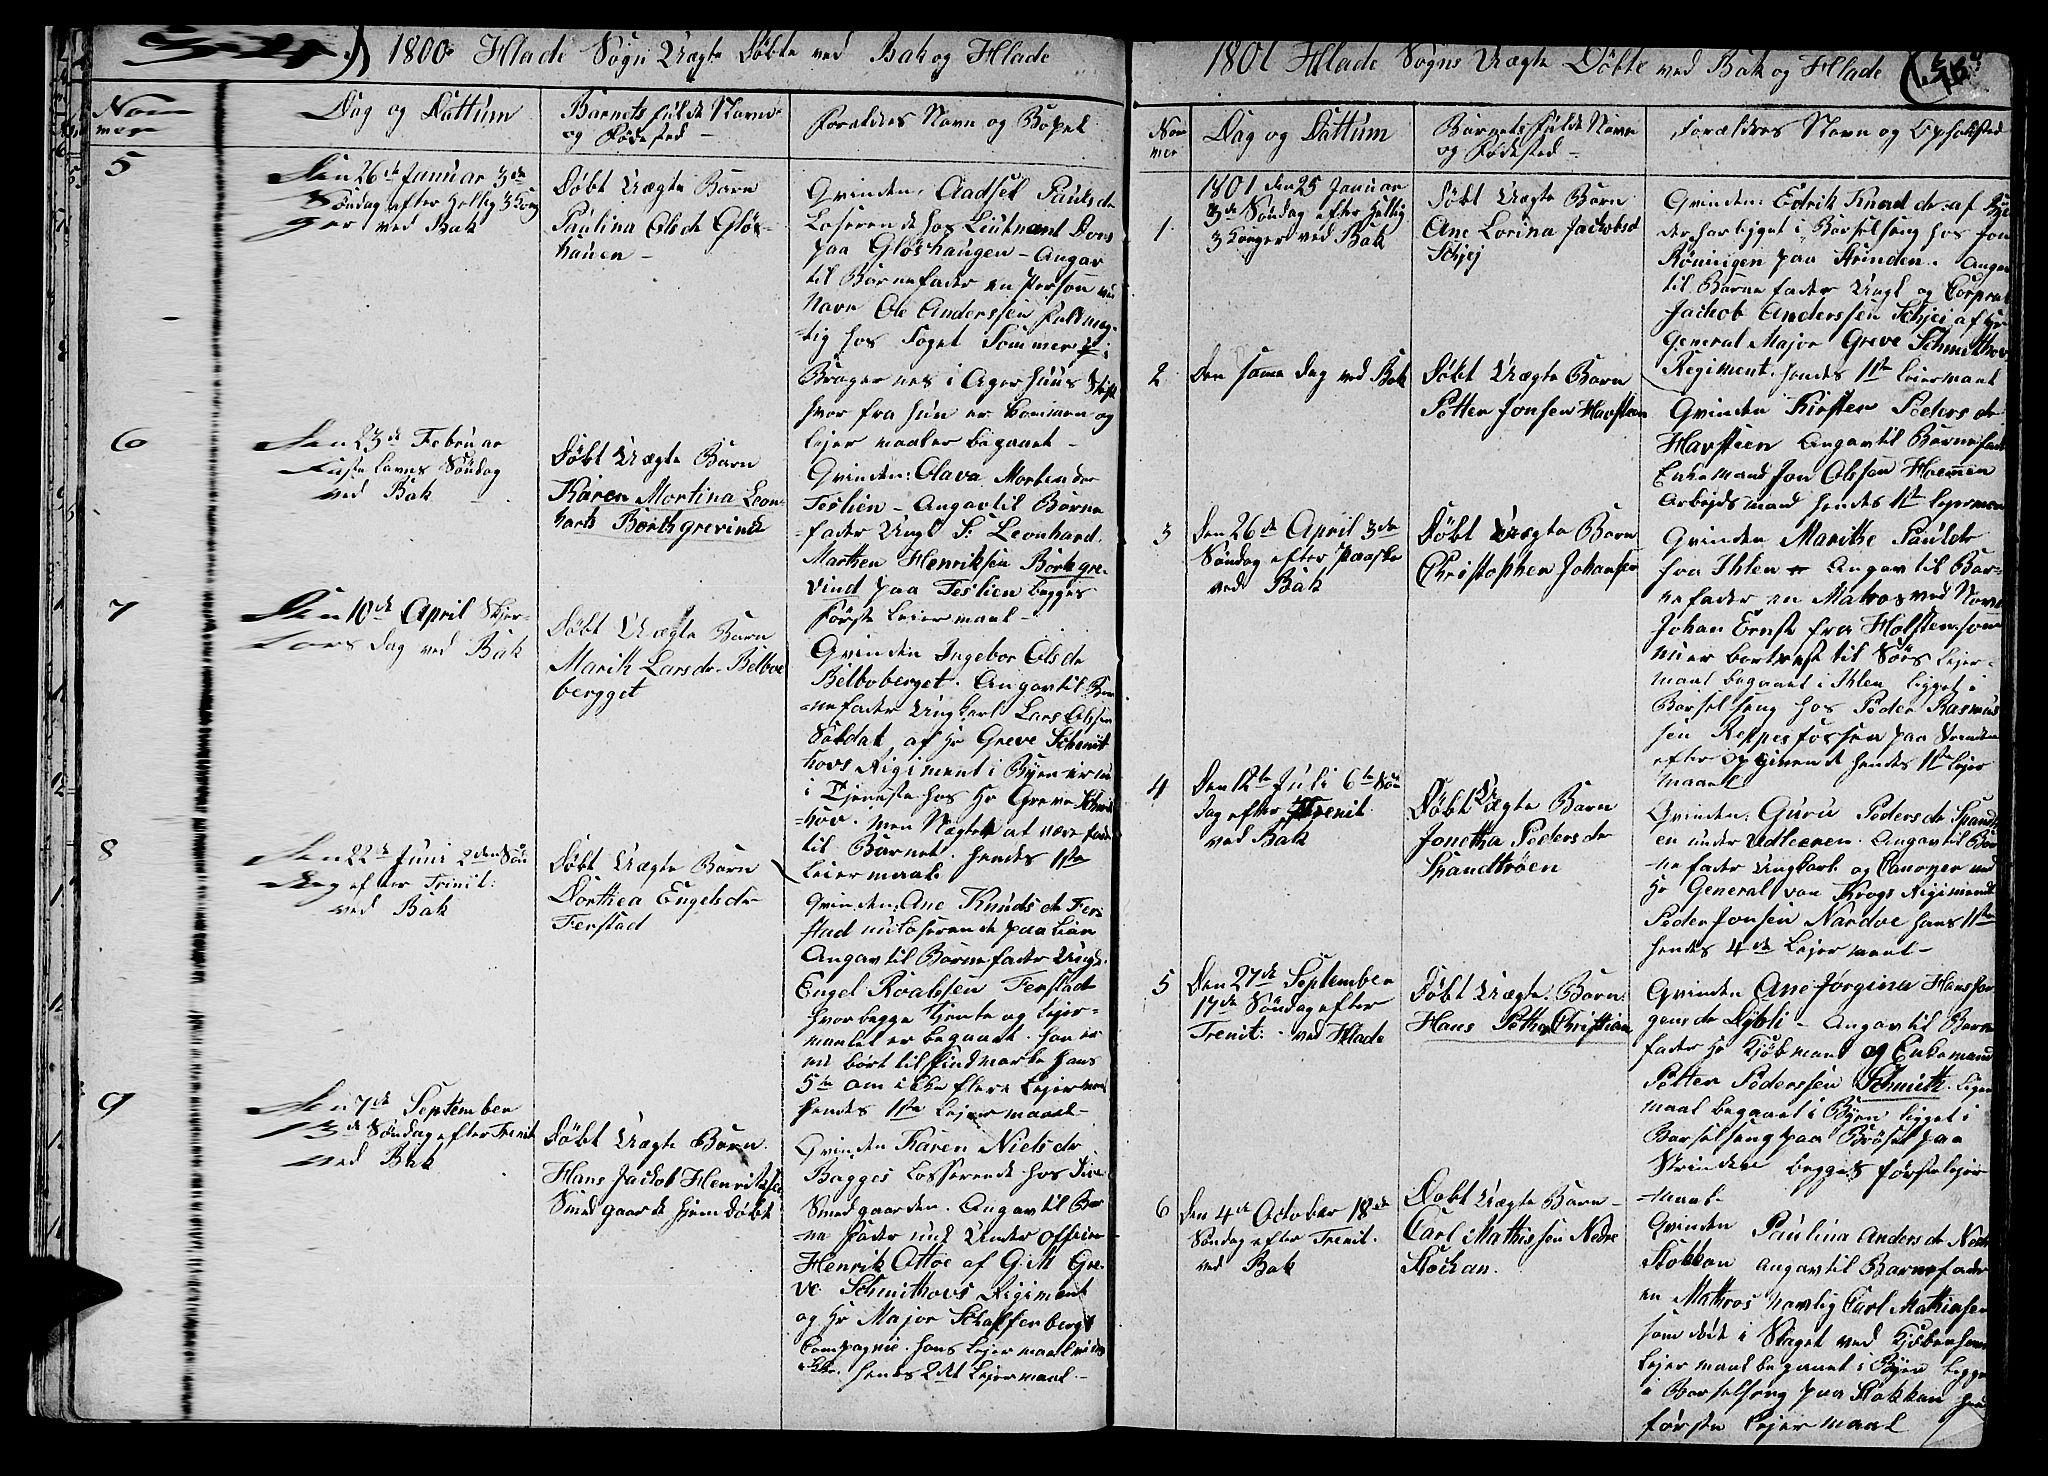 SAT, Ministerialprotokoller, klokkerbøker og fødselsregistre - Sør-Trøndelag, 606/L0306: Klokkerbok nr. 606C02, 1797-1829, s. 34-35